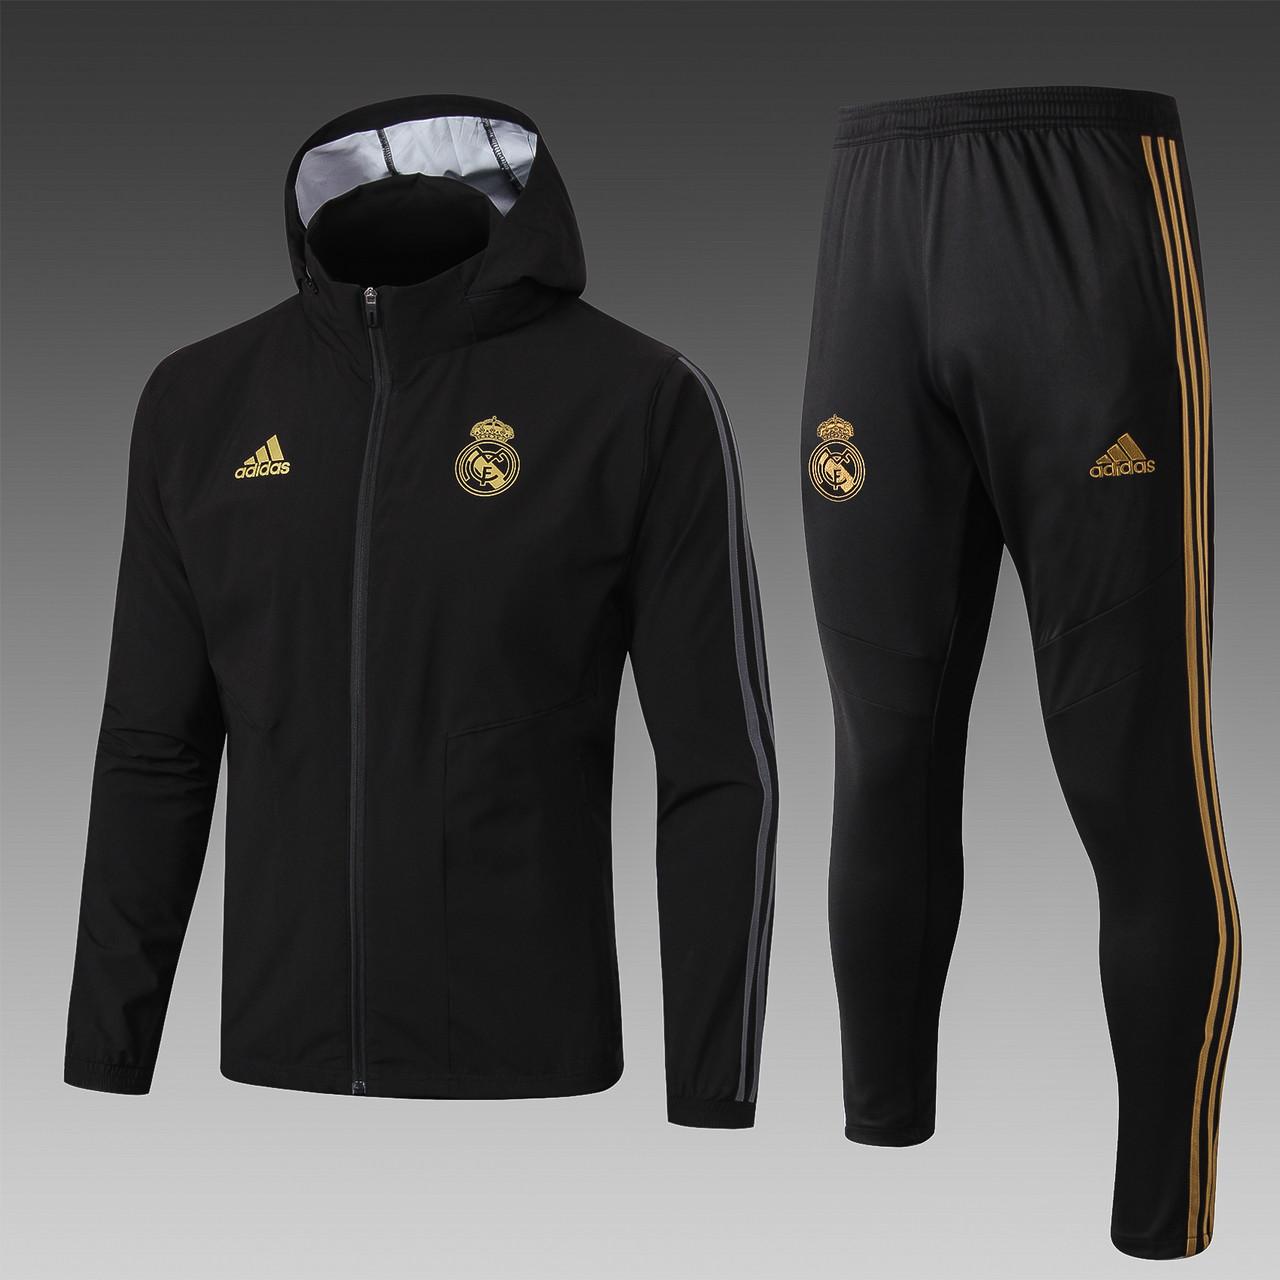 """Спортивный костюм  """"Реал Мадрид """",19-20 (ветровка + штаны)"""